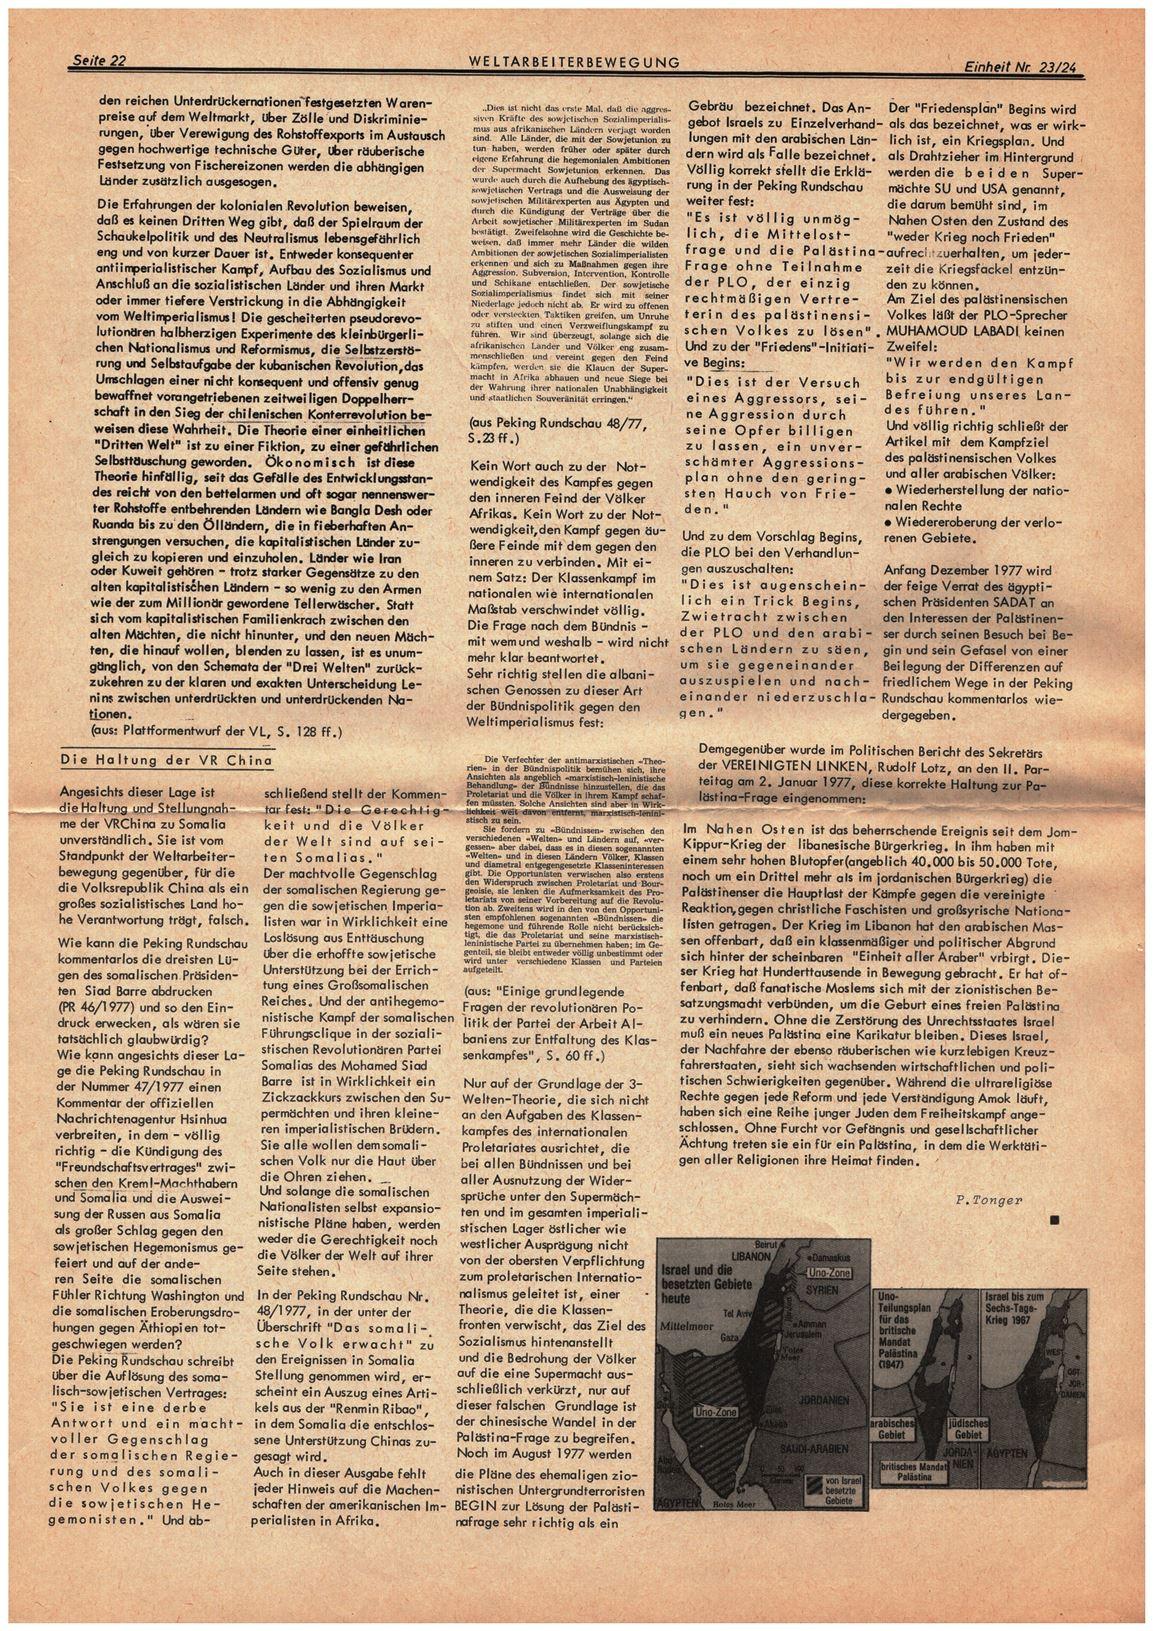 Koeln_IPdA_Einheit_1978_023_024_024